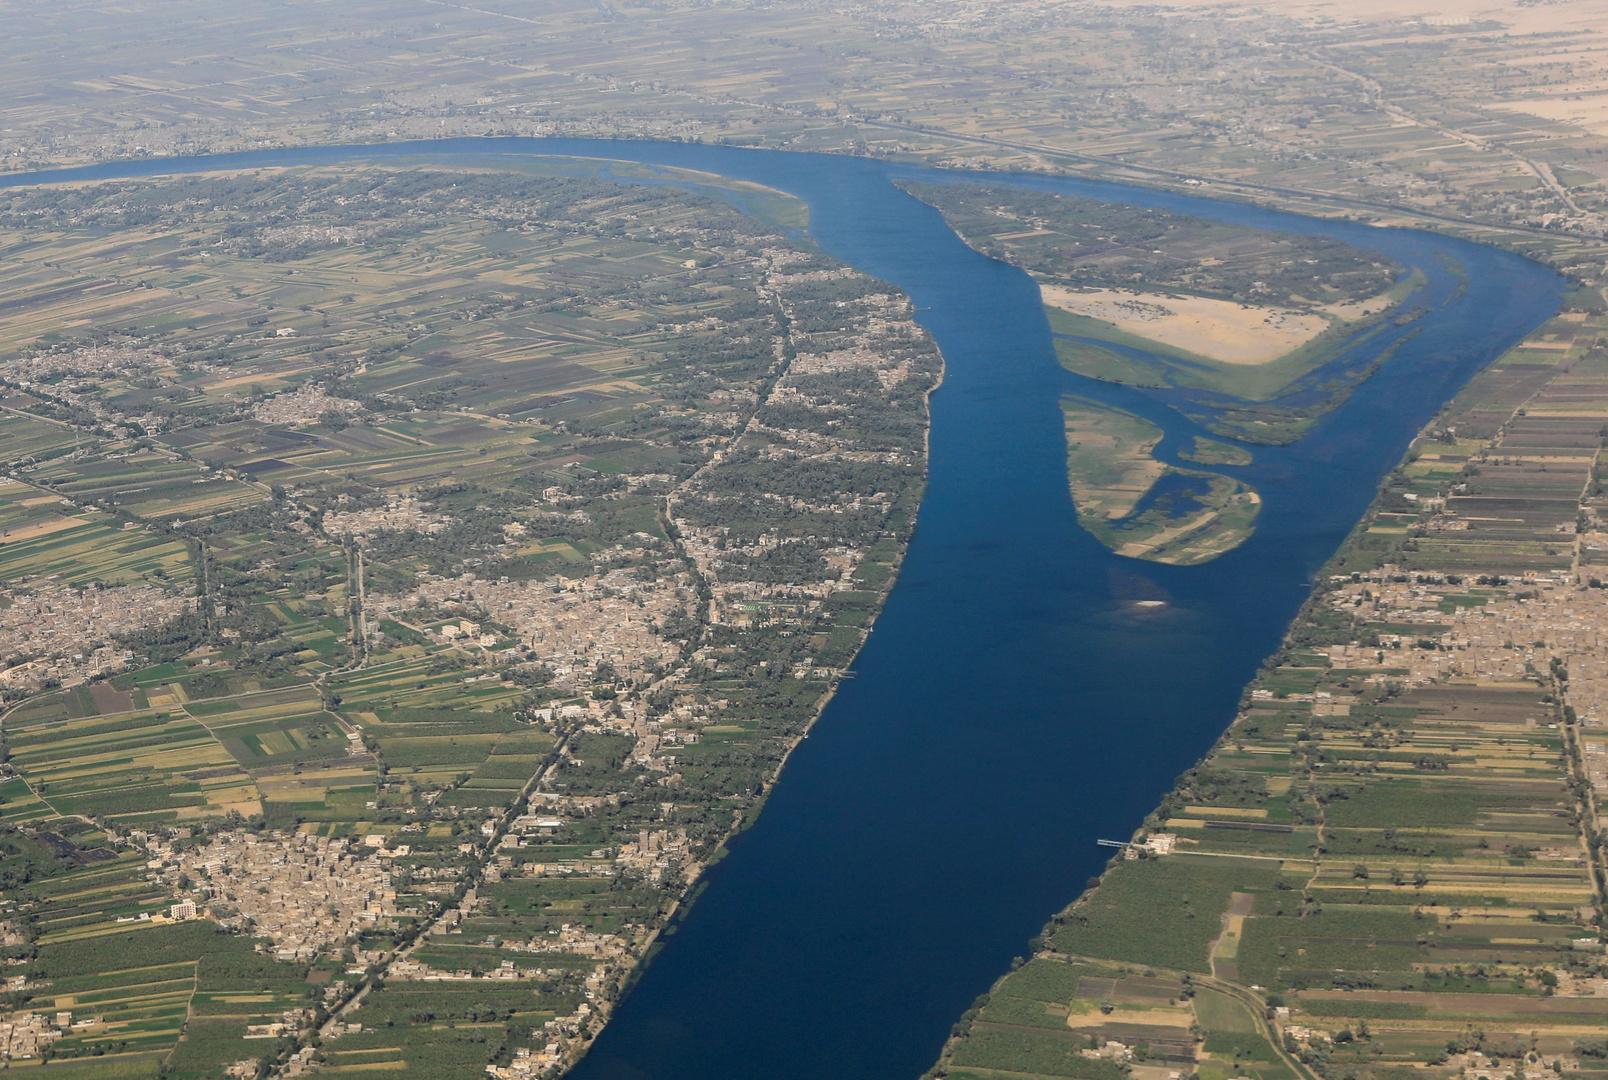 مصر..وزارة الري تكشف عن 4 محاور ضمن استراتيجية حتى عام 2050  لحل كافة مشكلات المياه